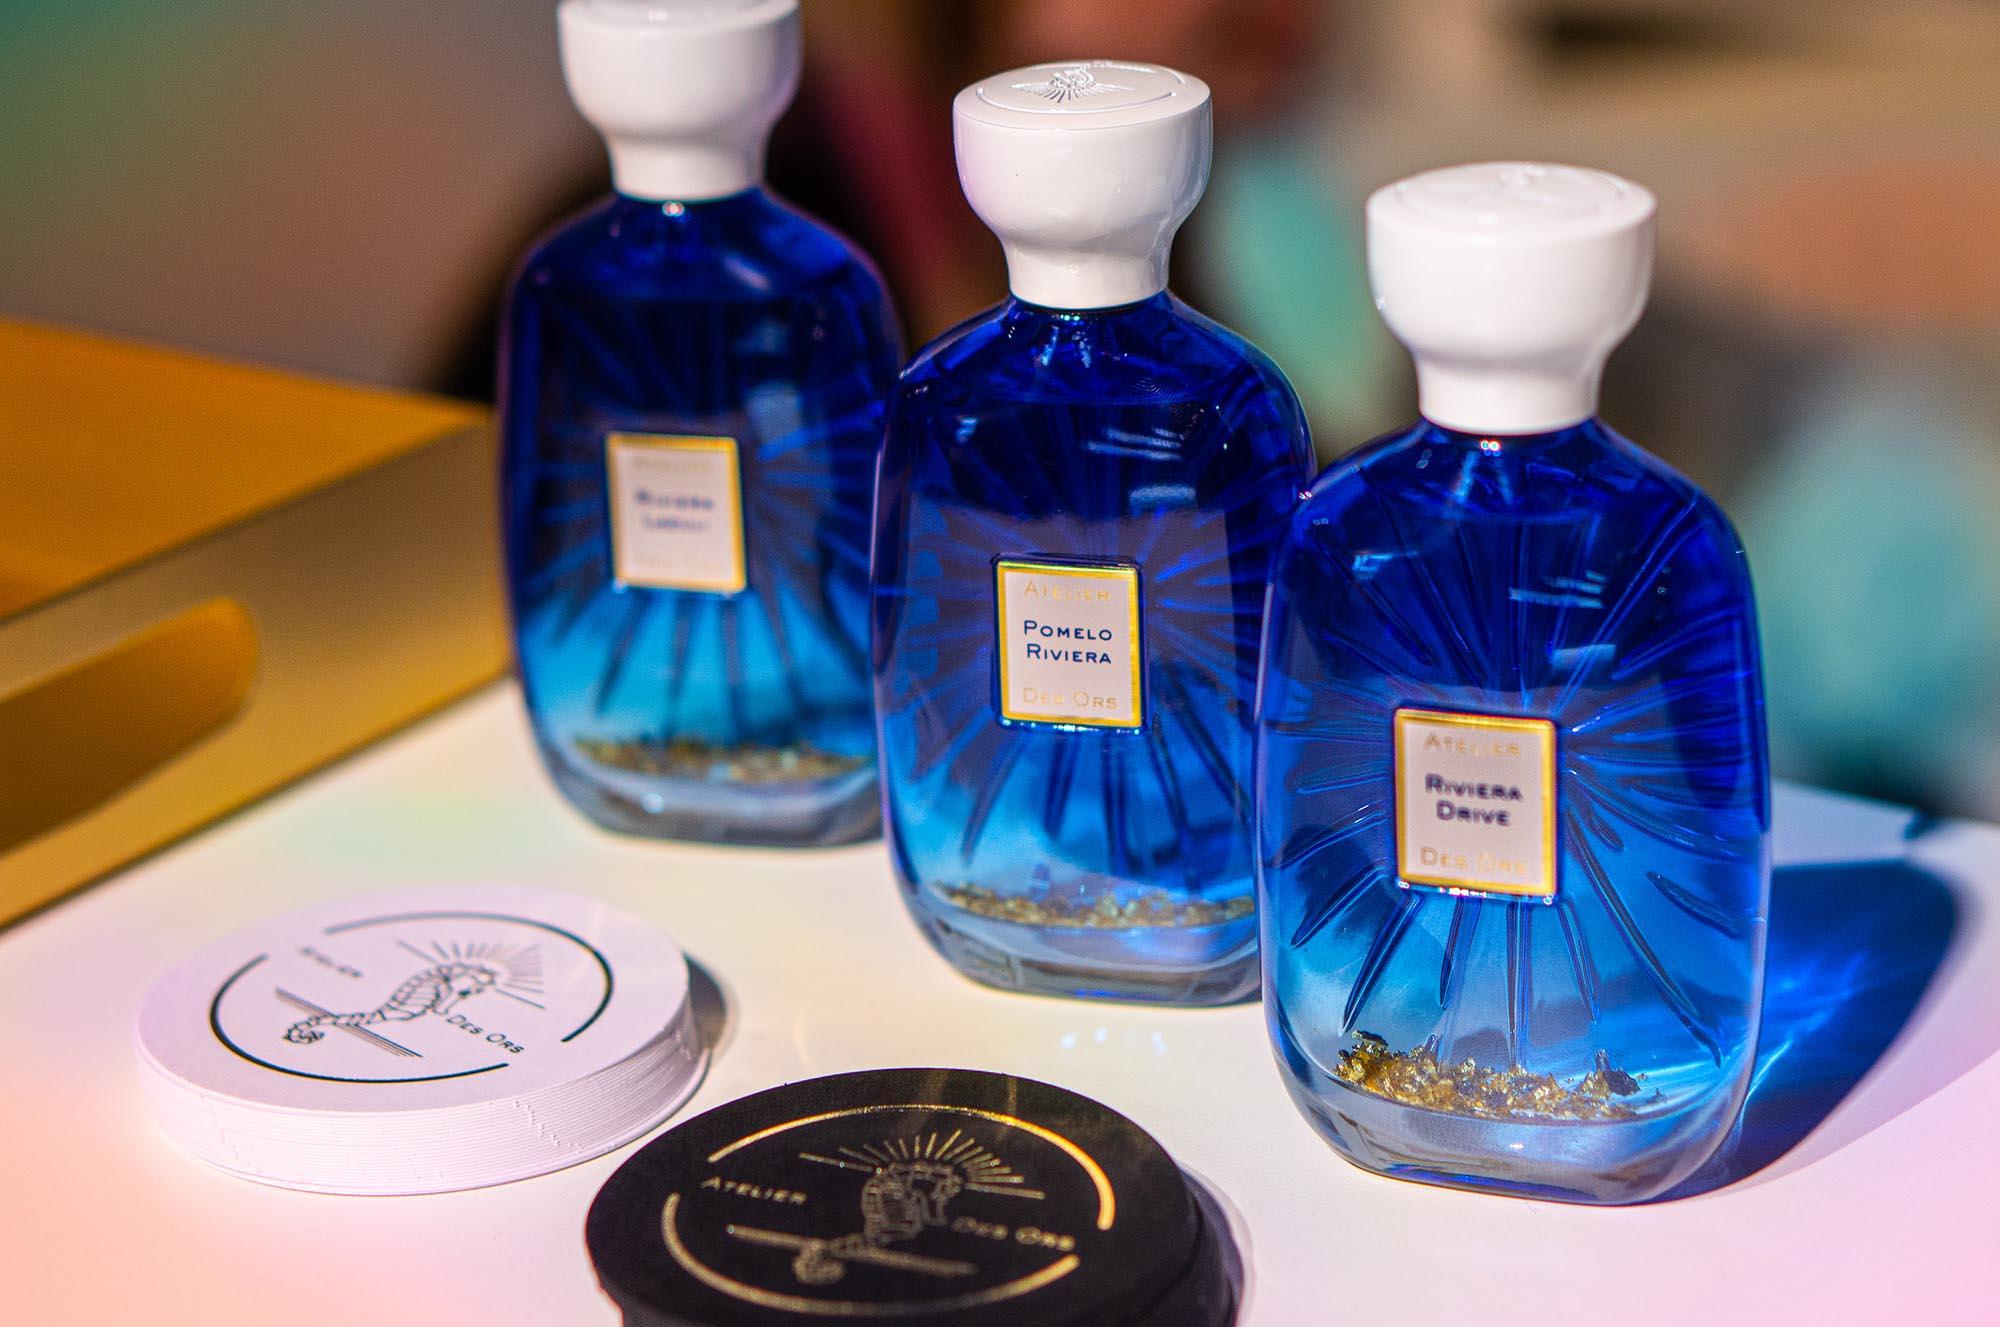 Atelier Des Ors Riviera Drive Riviera Lazuli Pomelo Riviera perfume niche fragrance parfüm Nischenduft парфюм духи нишевая парфюмерия